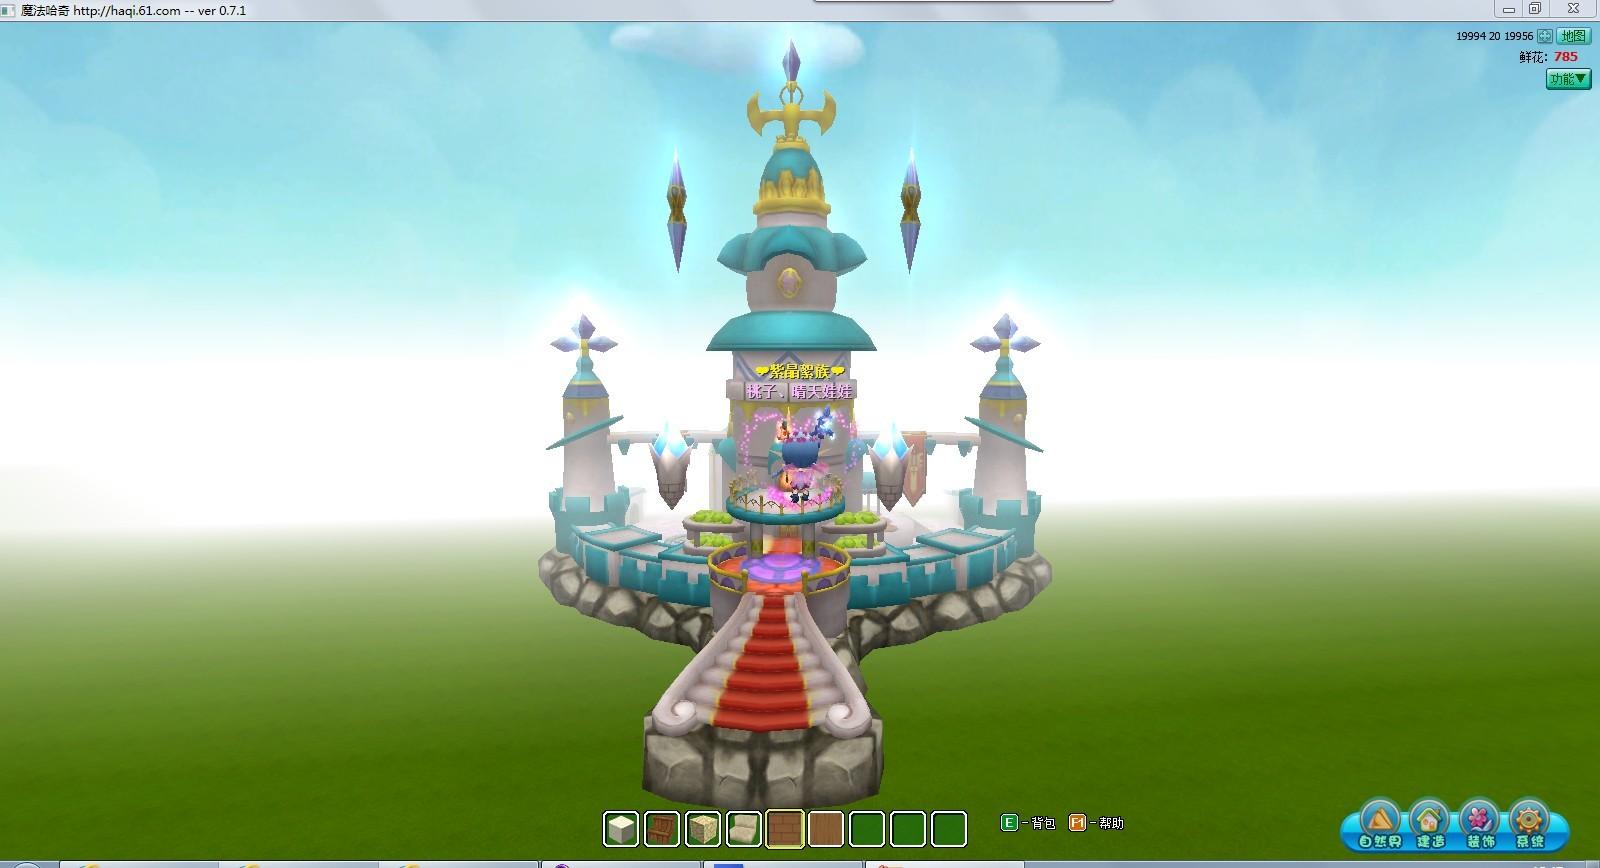 魔法哈奇创意空间_求魔法哈奇 创意空间 皇宫代码_百度知道